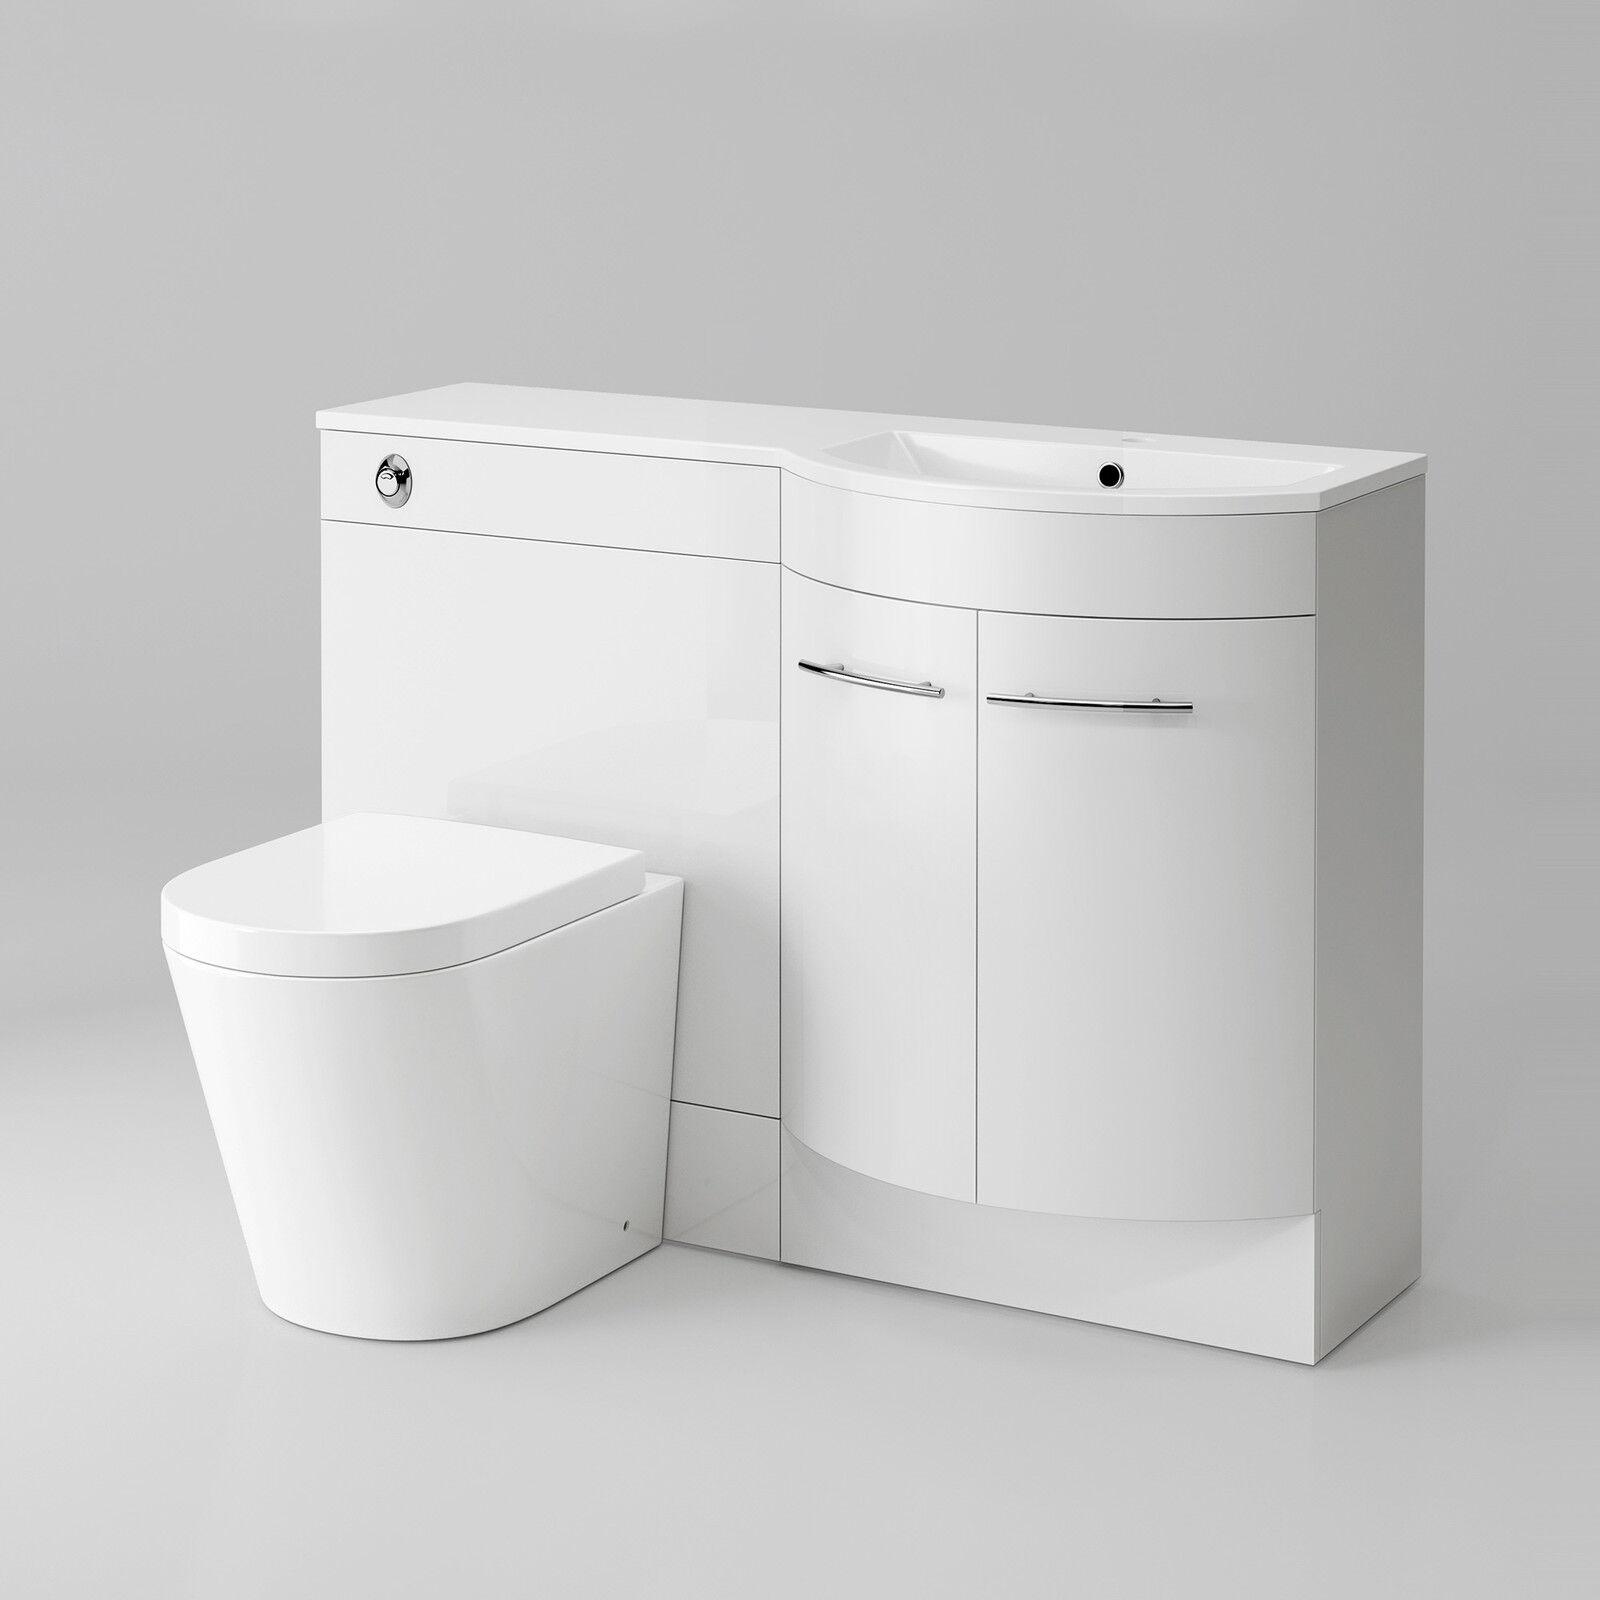 Right Hand Modern Bathroom Gloss White Basin Toilet